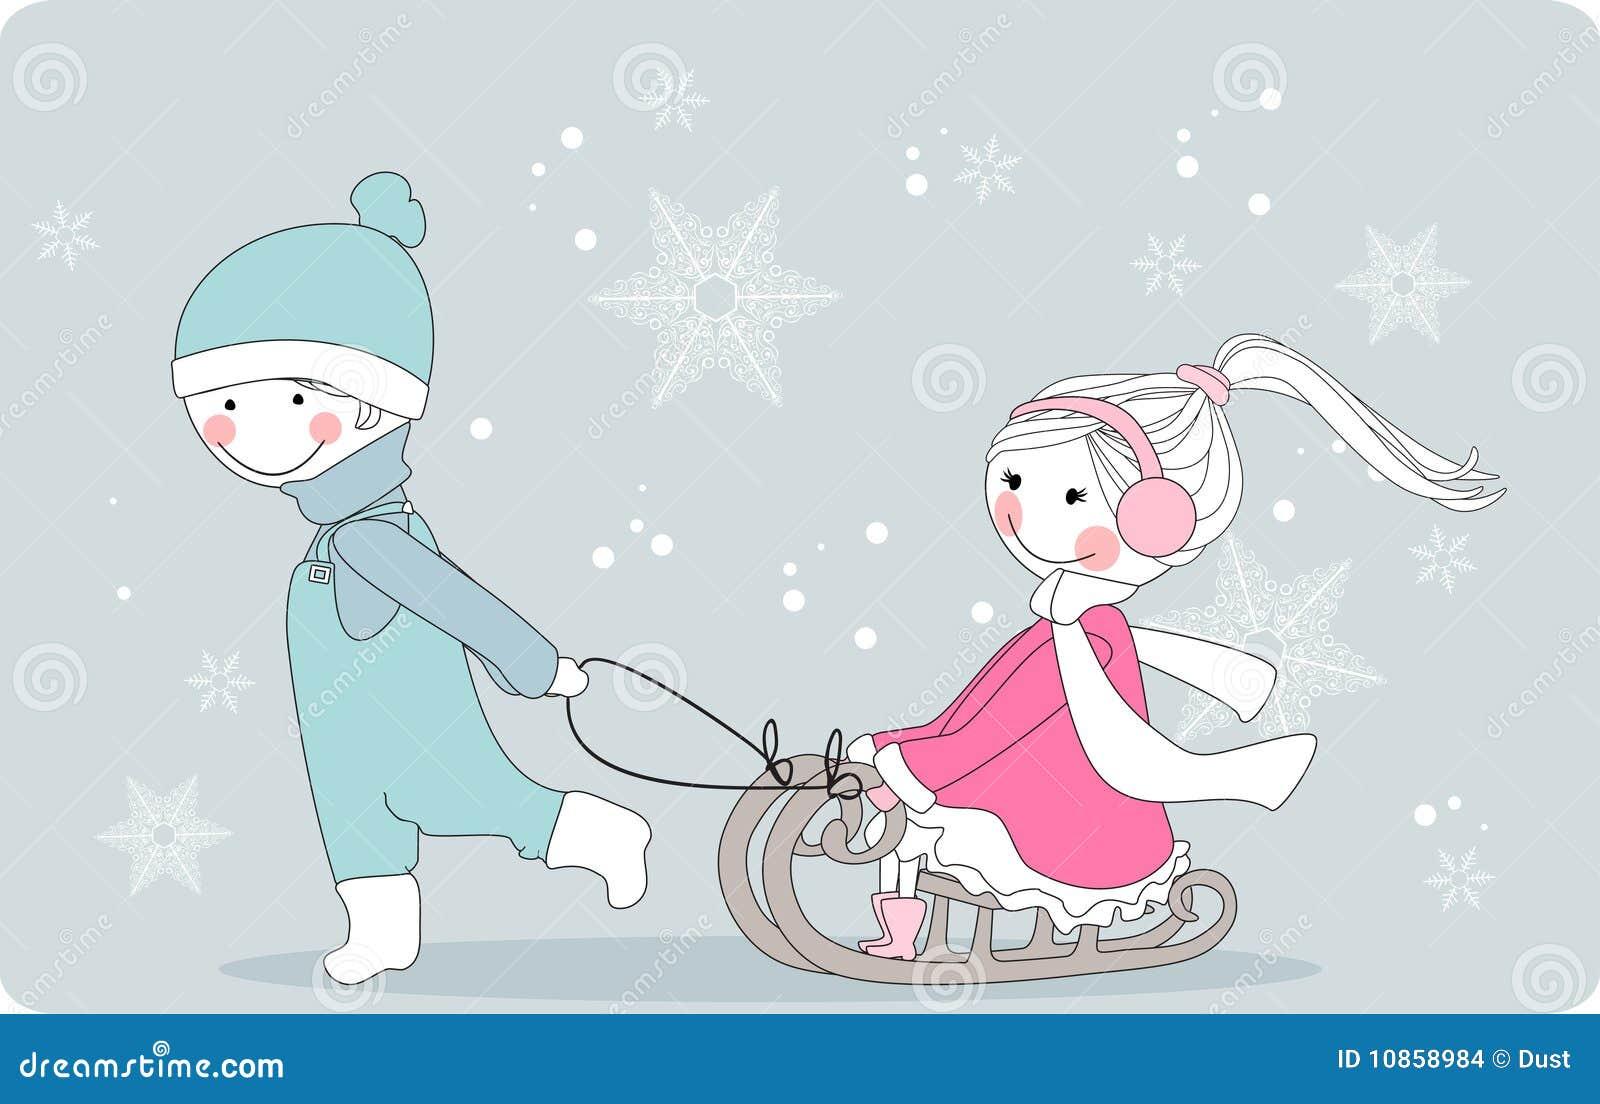 男孩女孩拉雪橇